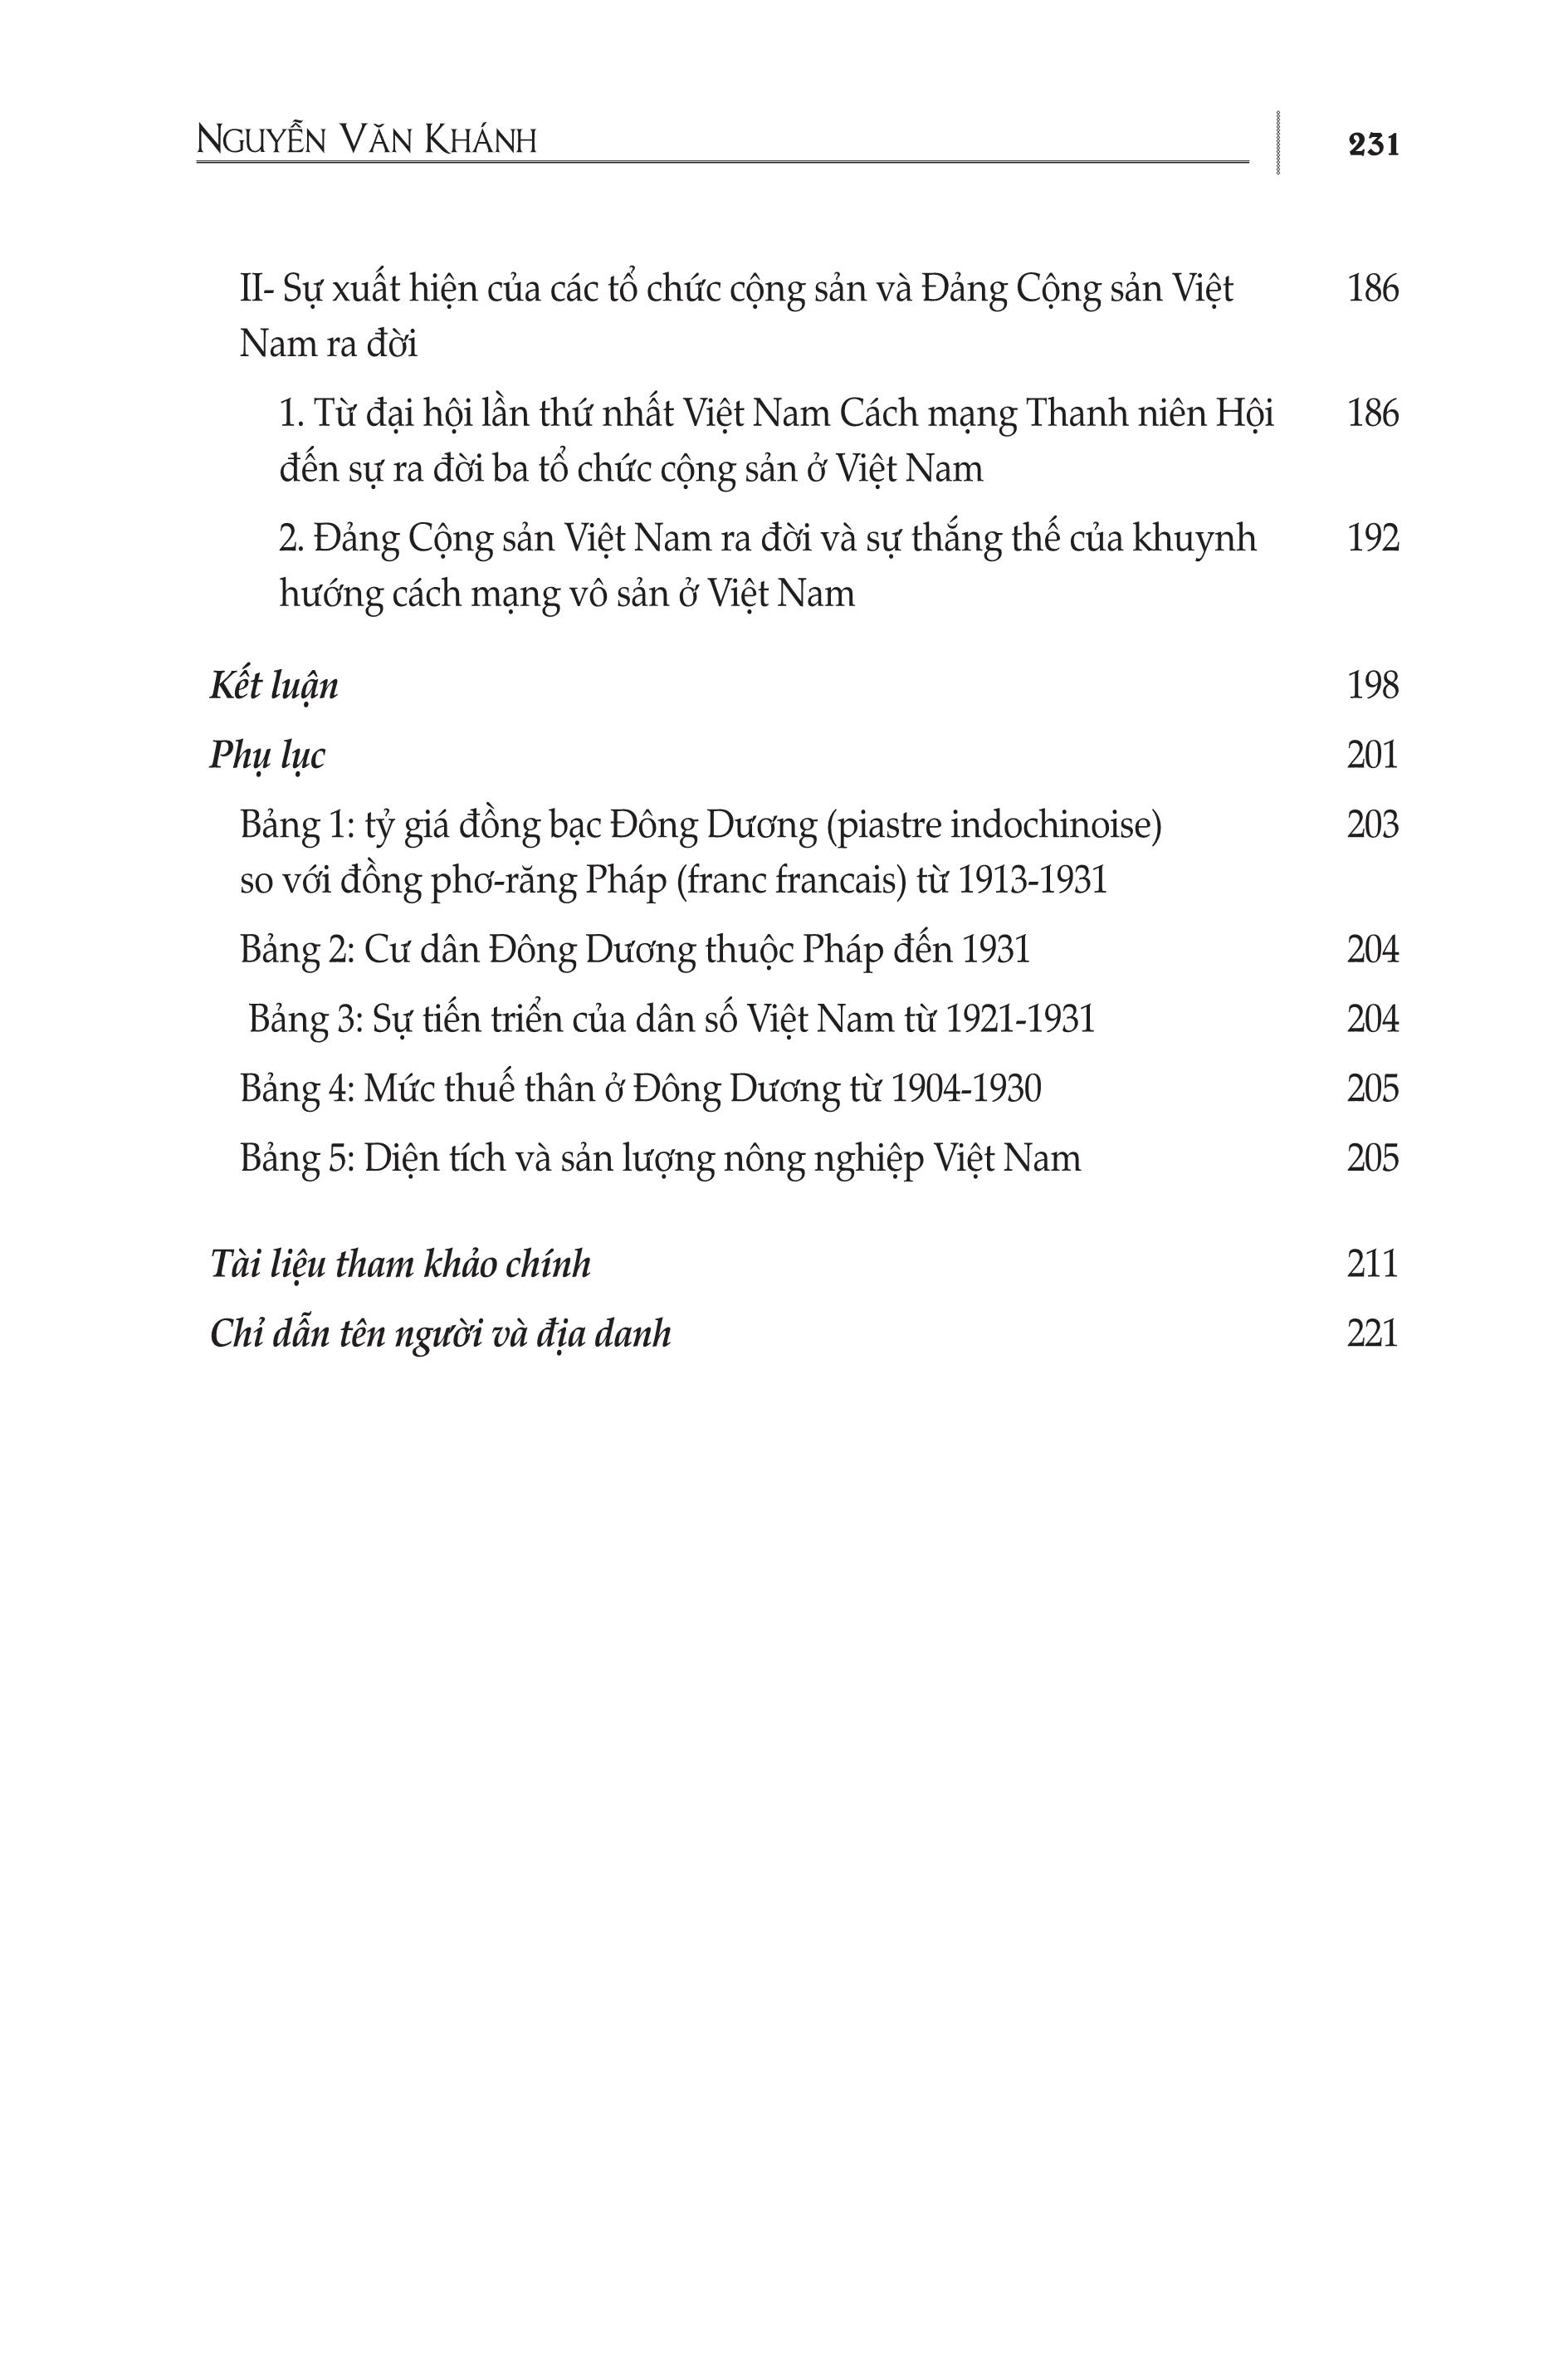 Việt Nam 1919-1930 Thời Kỳ Tìm Tòi Và Định Hướng